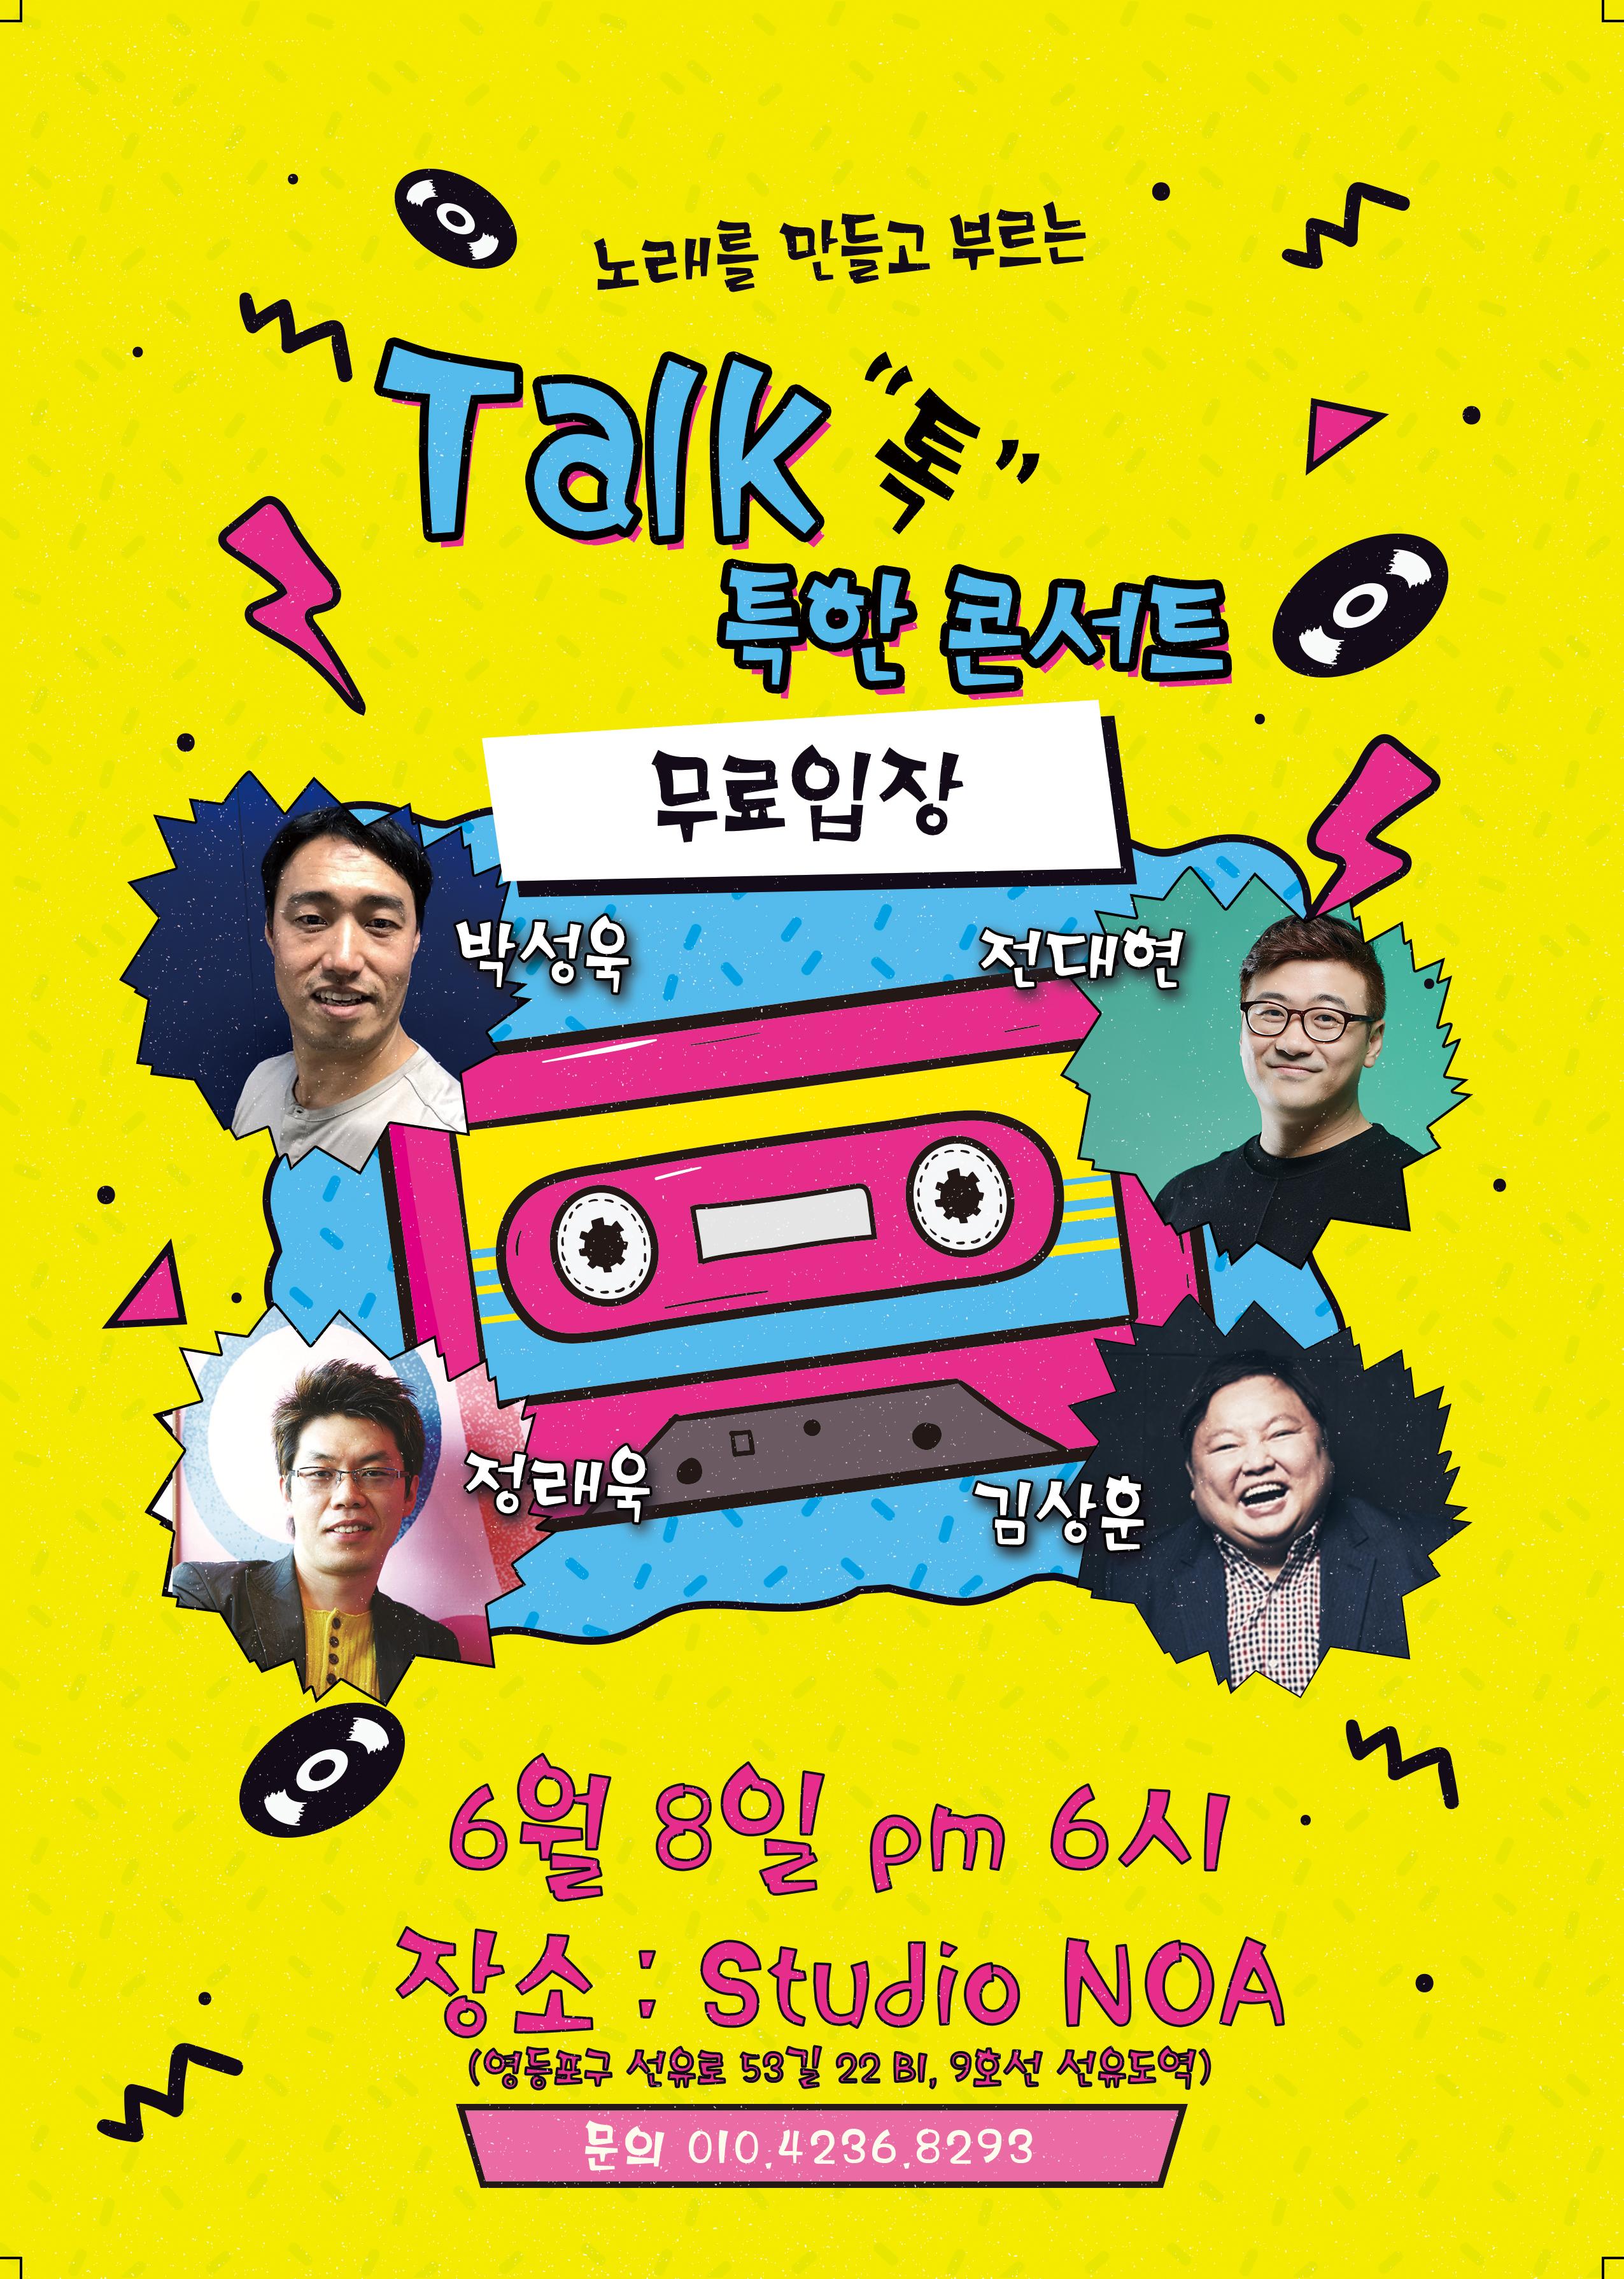 톡특한 콘서트  - 전대현,정래욱,김상훈 + 박성욱 2019.6.8 노아 스튜디오